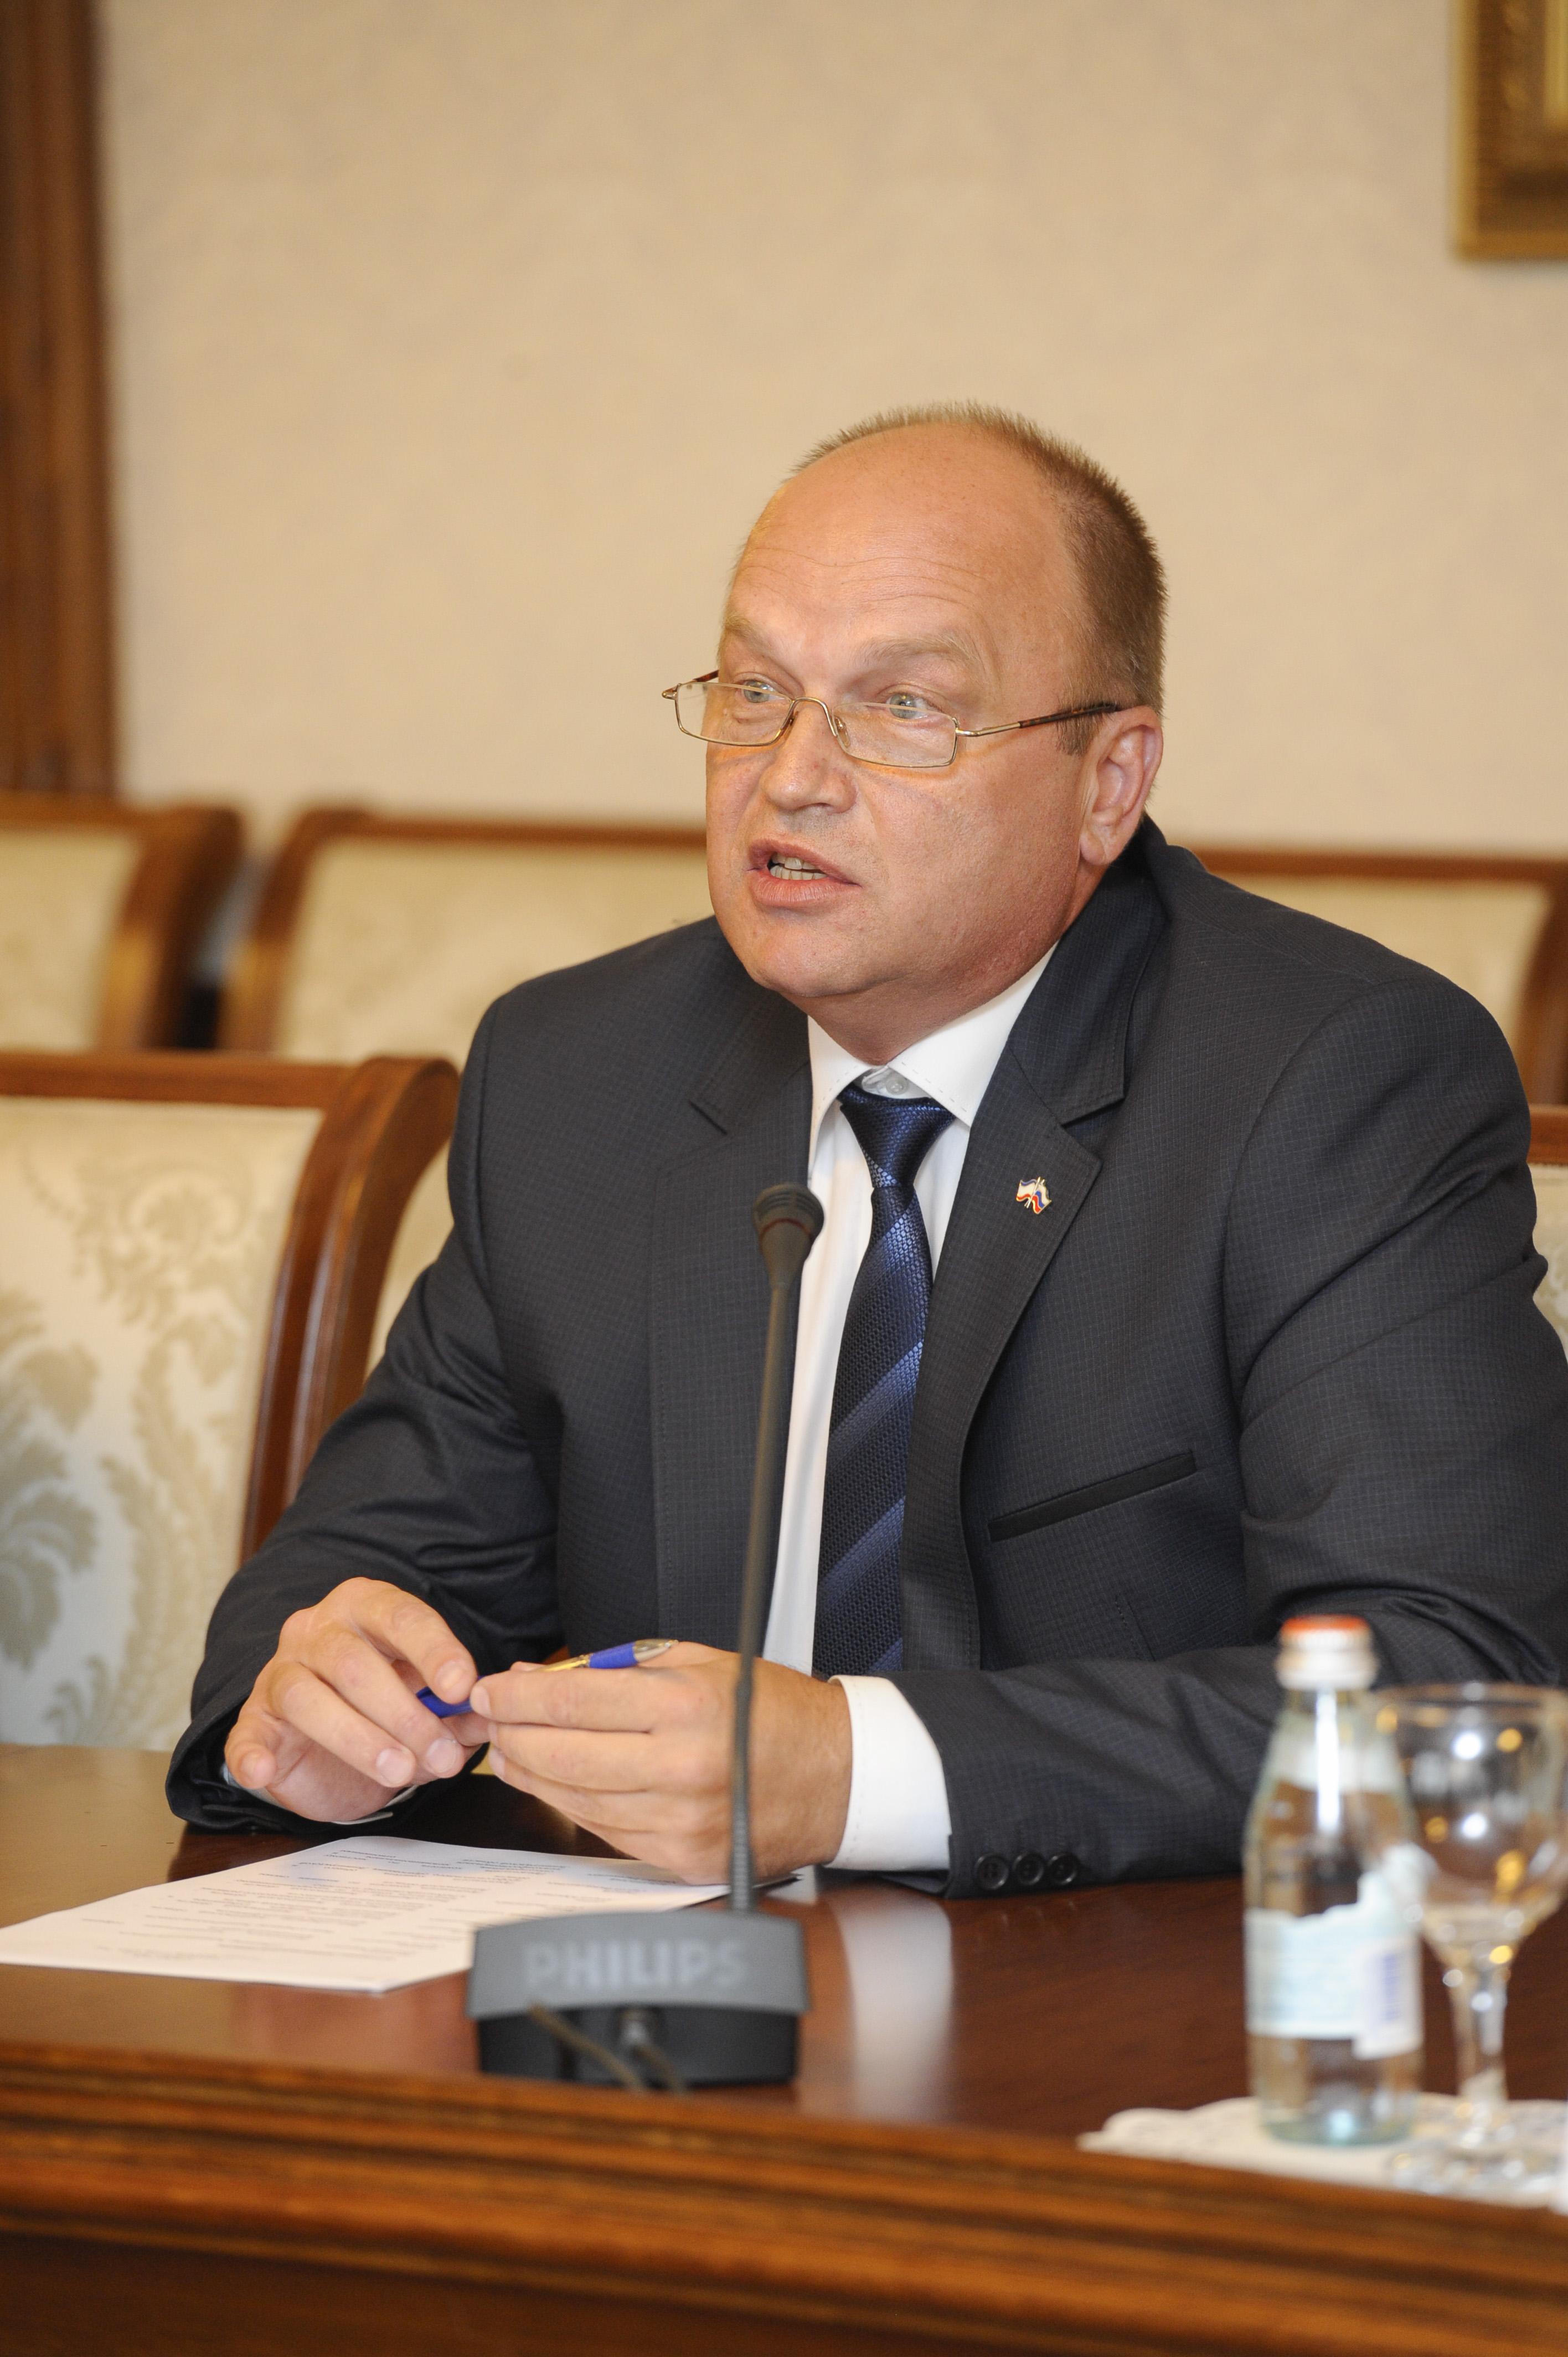 Симферопольские власти выступили в поддержку переименования Турецкой улицы